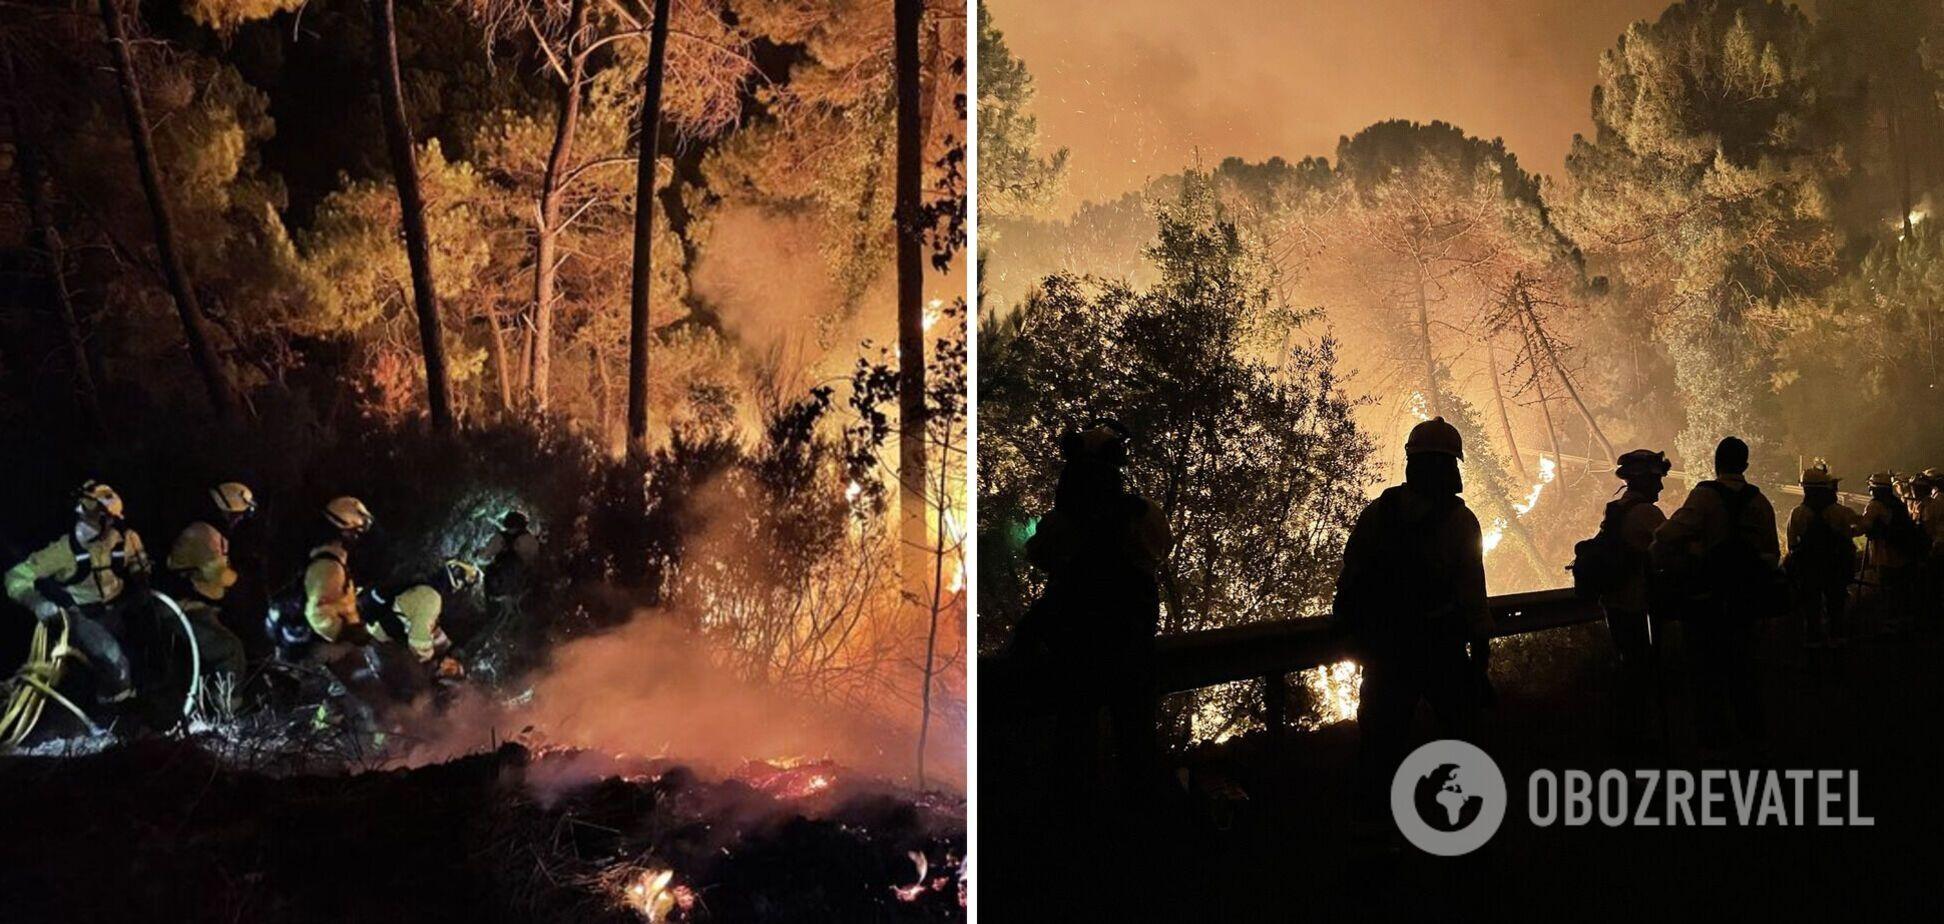 В Іспанії спалахнула масштабна лісова пожежа, сотні людей евакуювали. Фото та відео